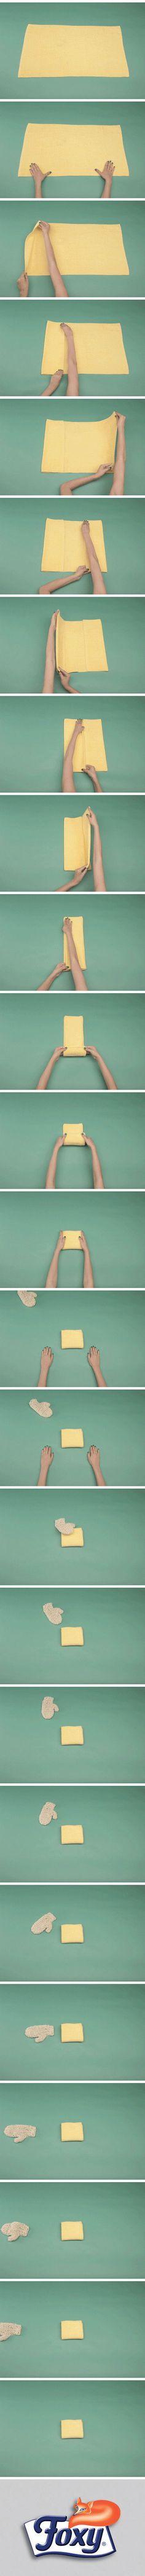 Piccoli asciugamani in piccoli contenitori.  Arrotolati e sistemati in piccole scatole o cestini,  gli asciugamani occuperanno meno spazio.  Scopri tanti altri consigli per organizzare gli spazi in casa su www.foxymega.it